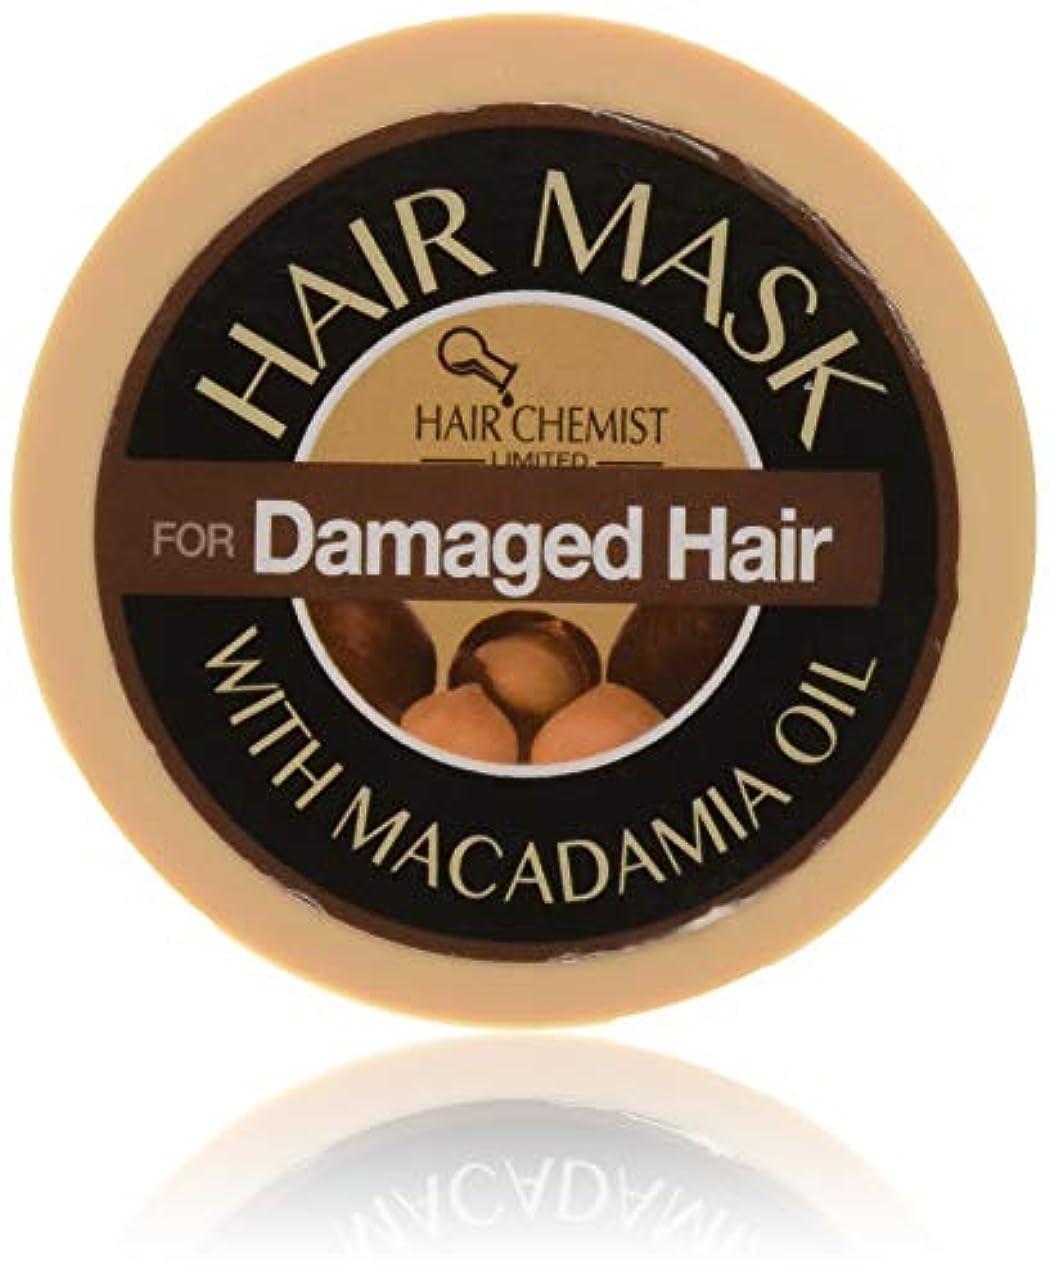 縞模様のコア感謝HAIR CHEMIST ヘアマスク マカダミアオイル ダメージヘア 57g Hair Mask Macadamia Oil For Damaged Hair 1522 New York